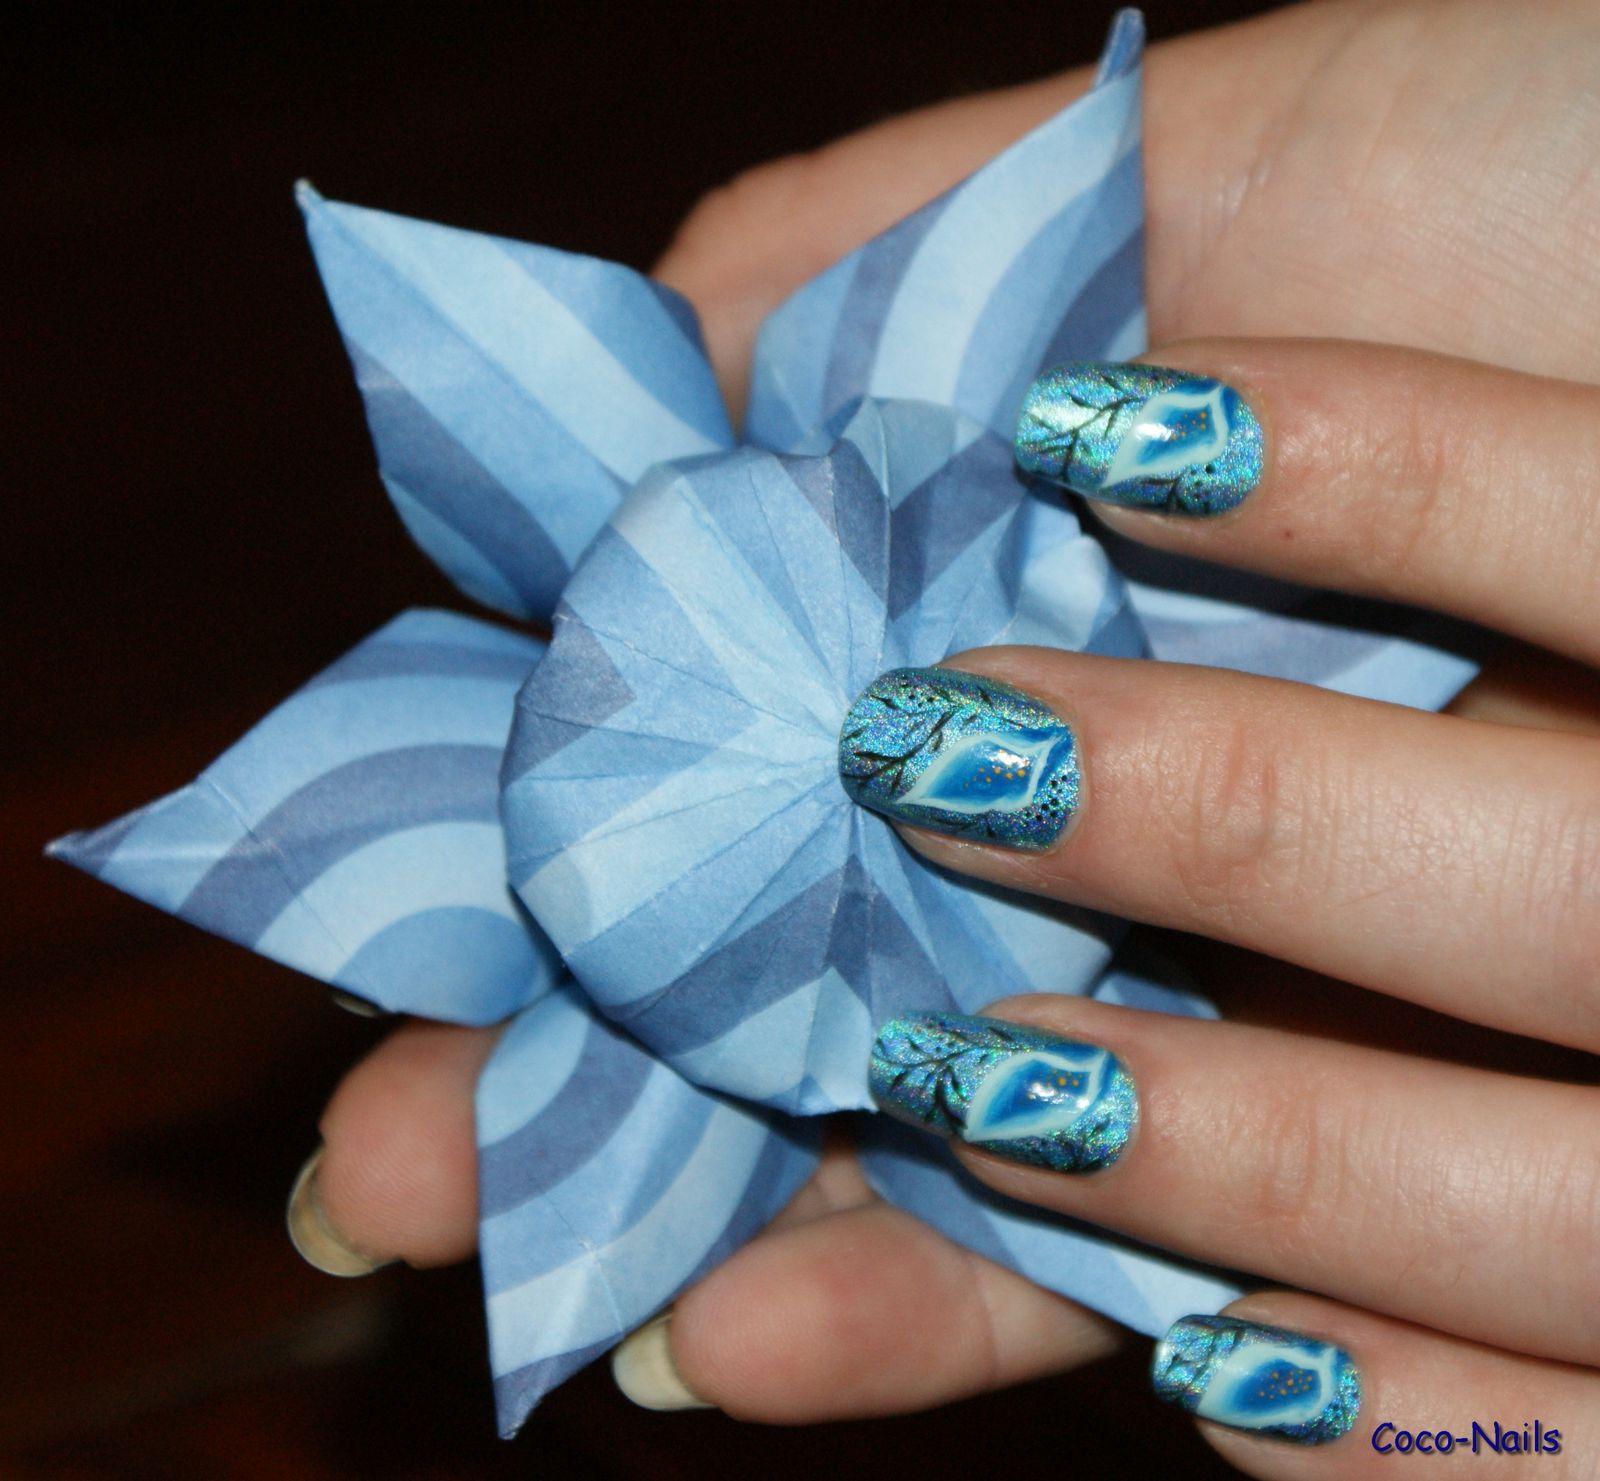 Voilà une jolie fleur qui s'accorde très bien avec ce nail art